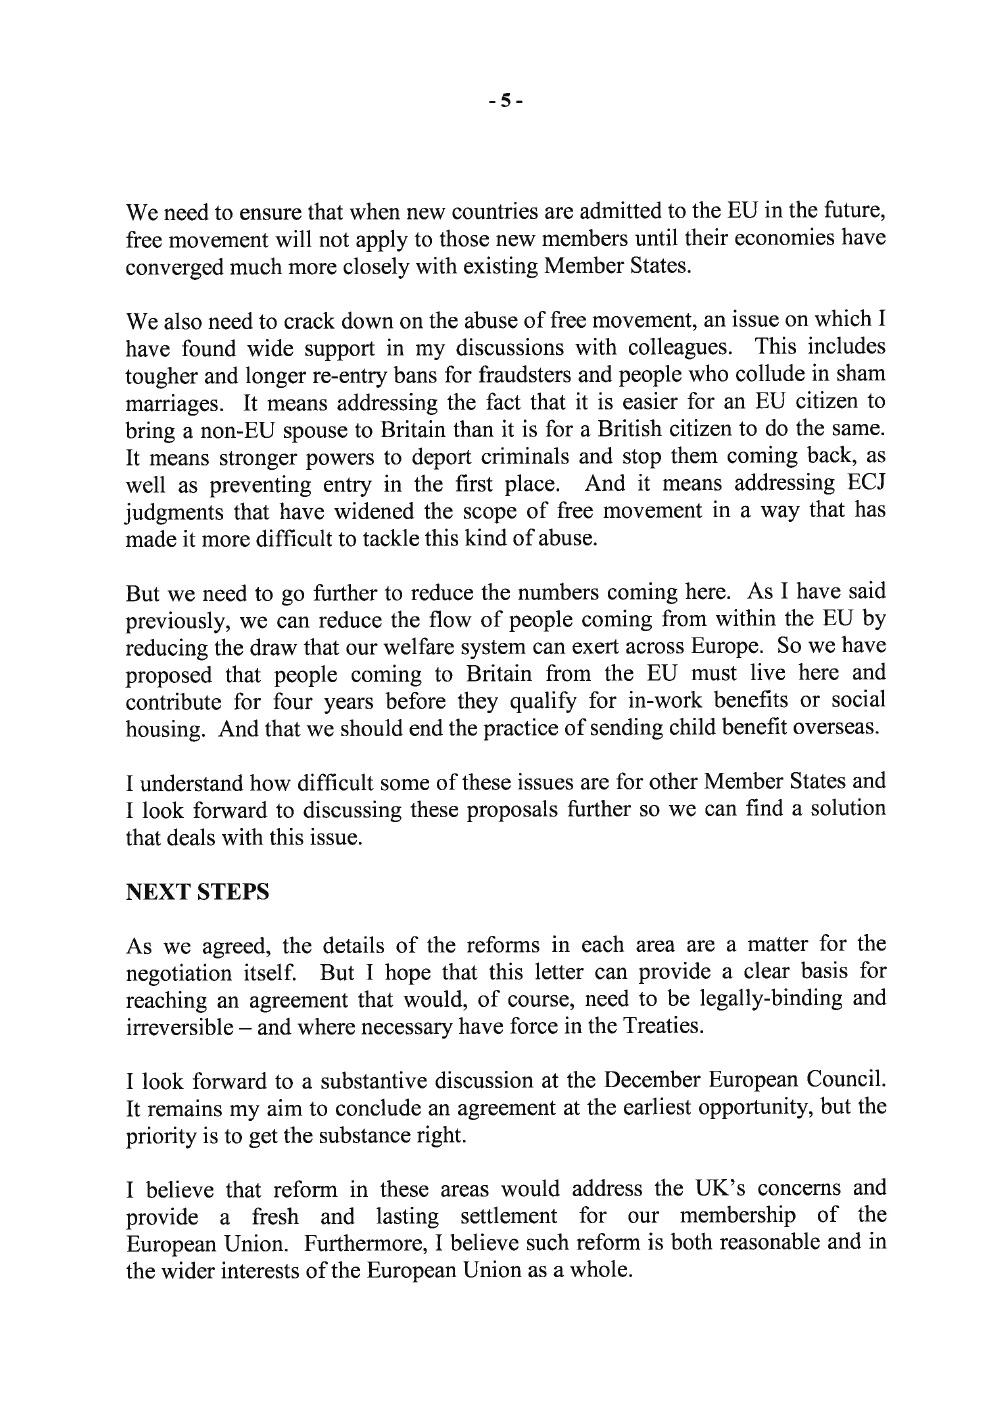 Donald-Tusk-letter_001-3